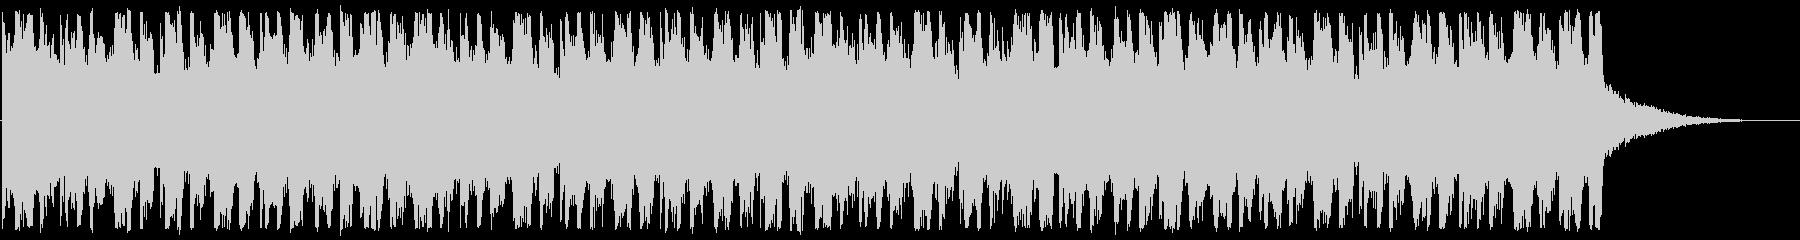 疾走感/情緒的/ハウスロック_474_4の未再生の波形